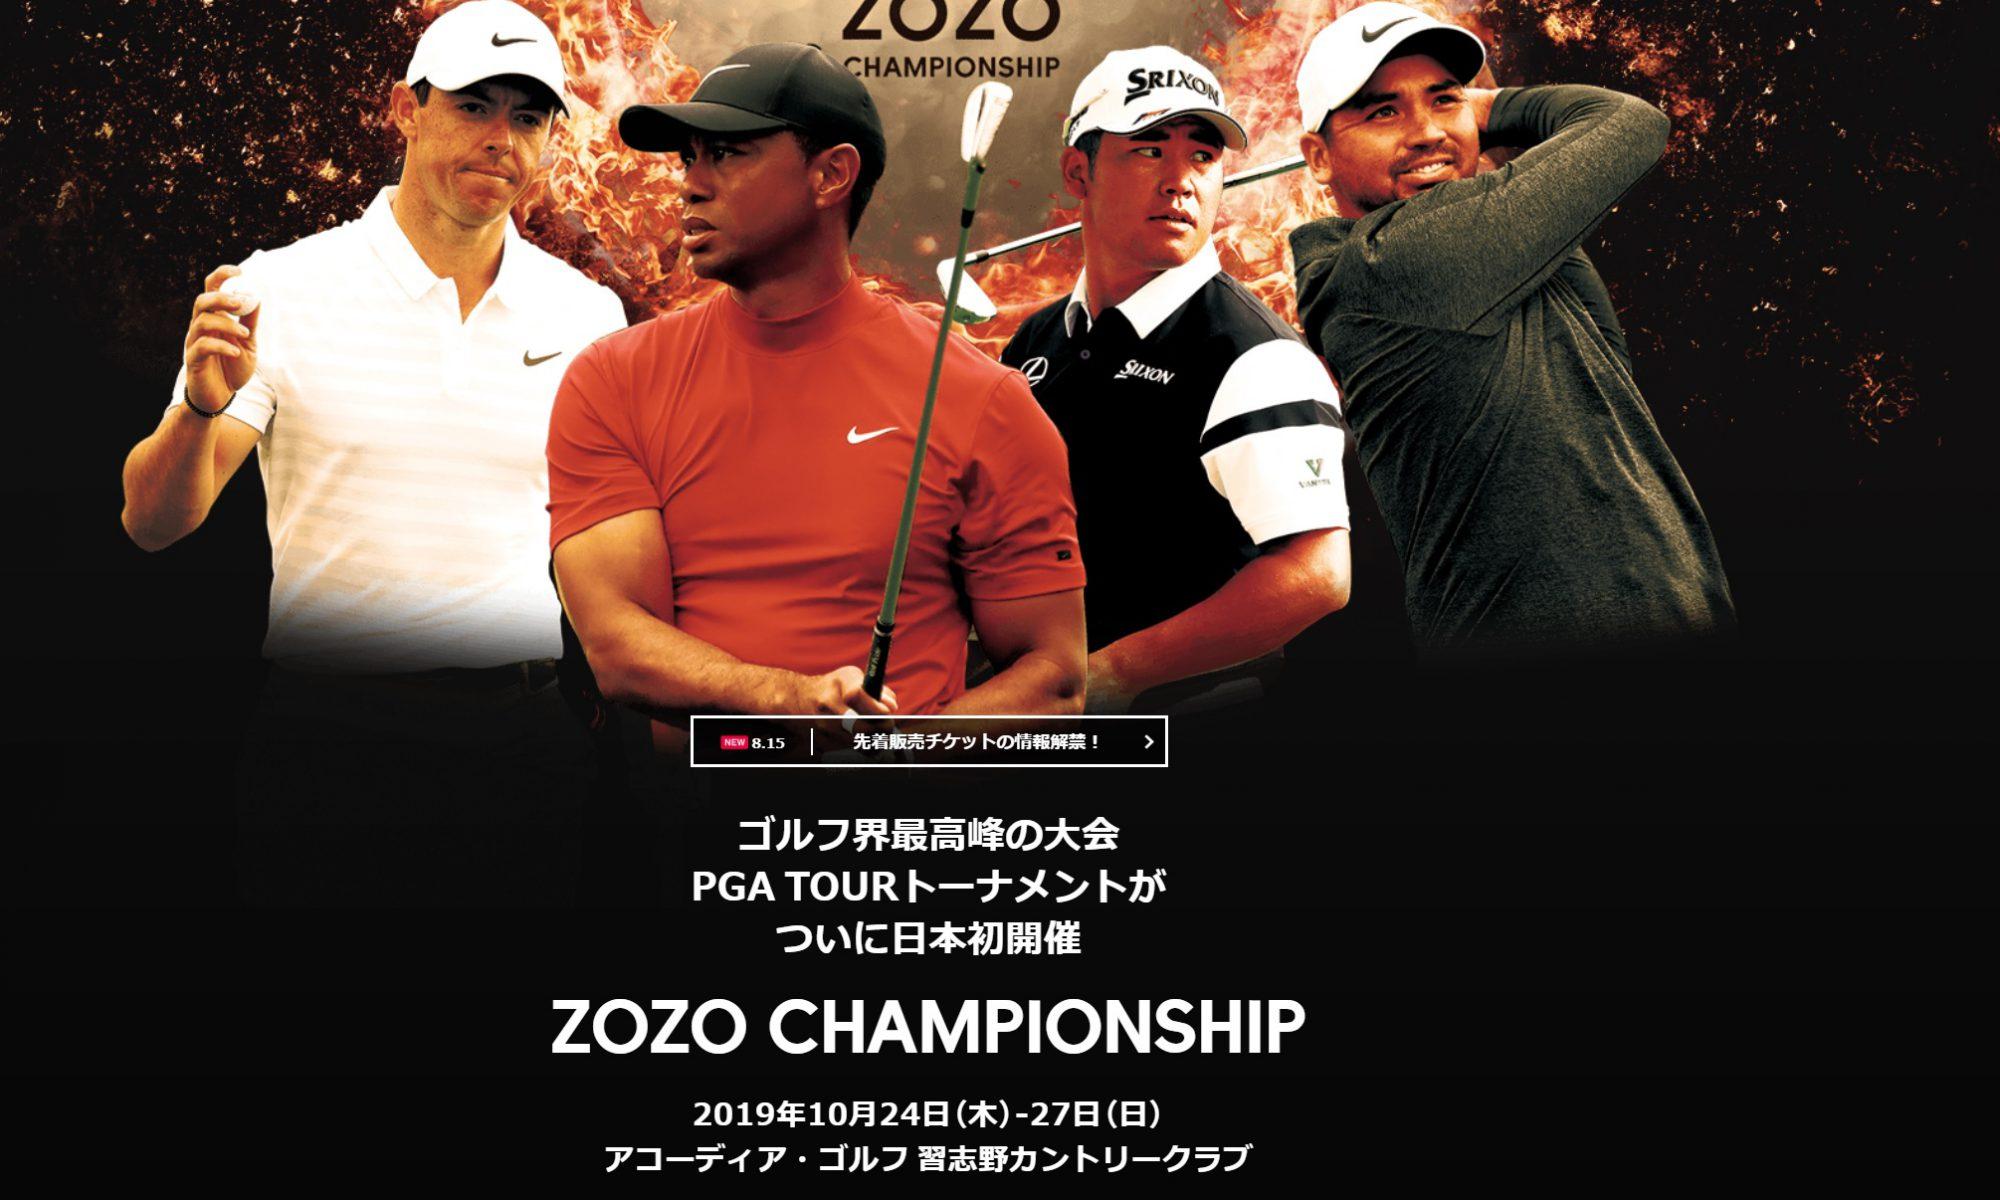 zozo チャンピオン シップ テレビ 放送